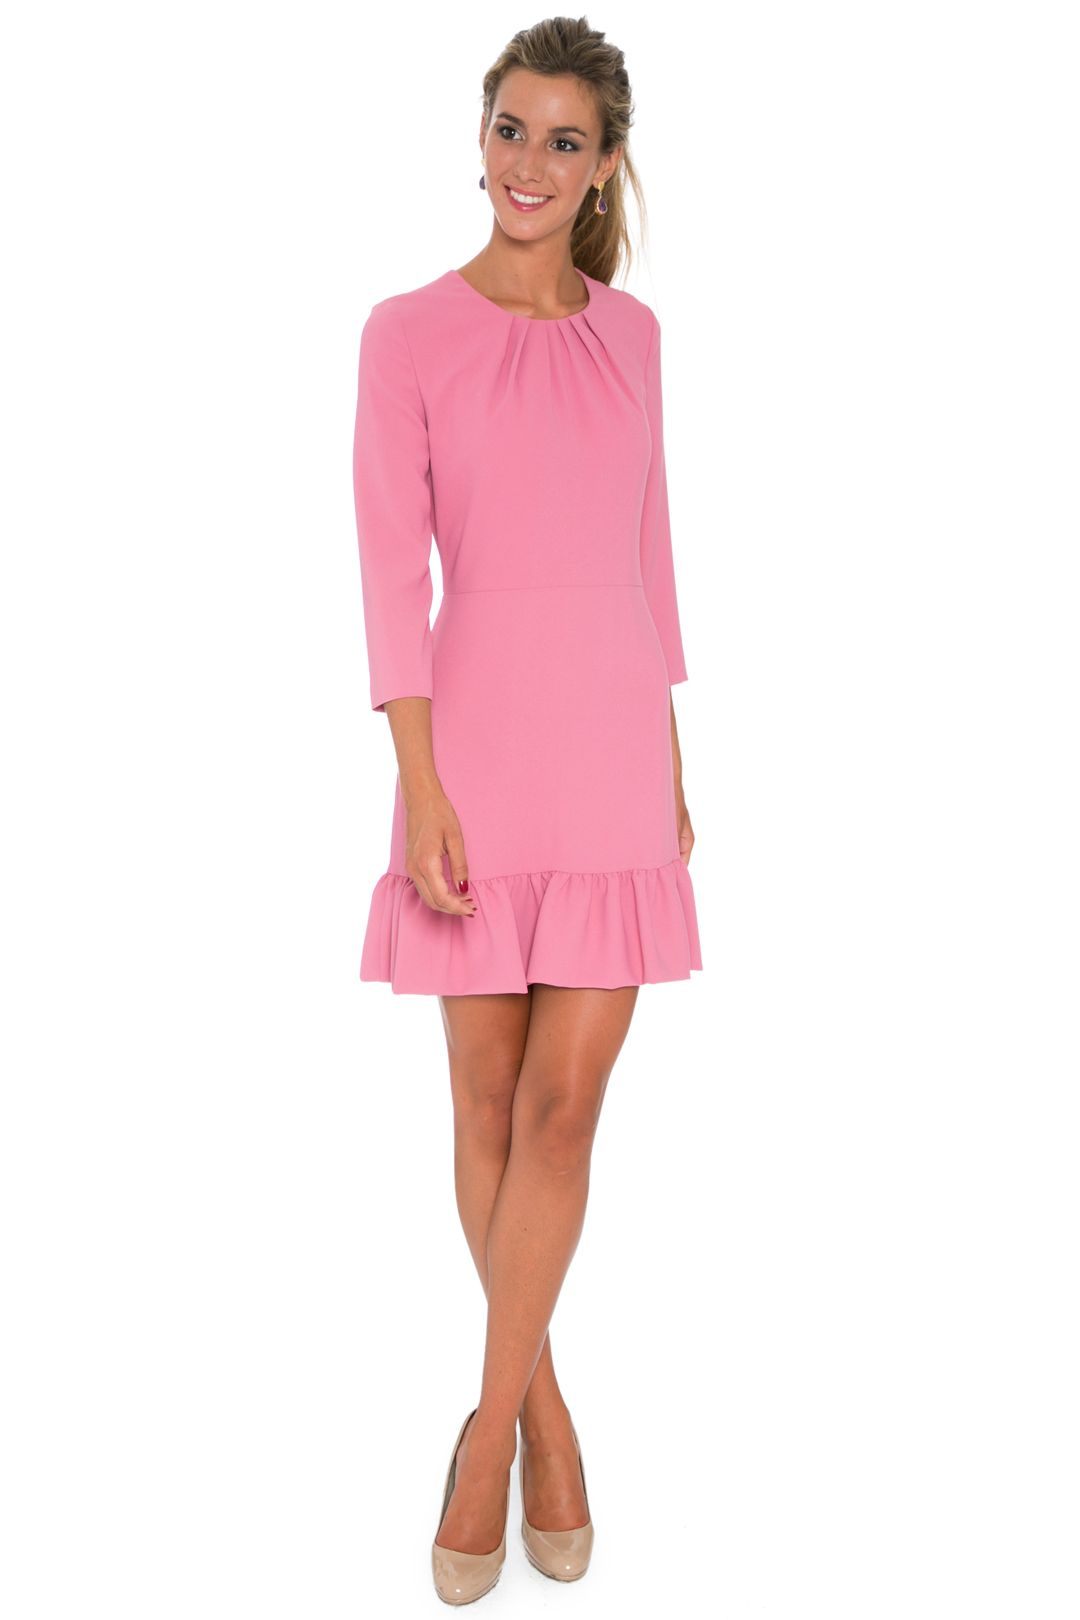 Vestido Sweety - Alquiler de Vestidos - La Más Mona | Vestidos ...